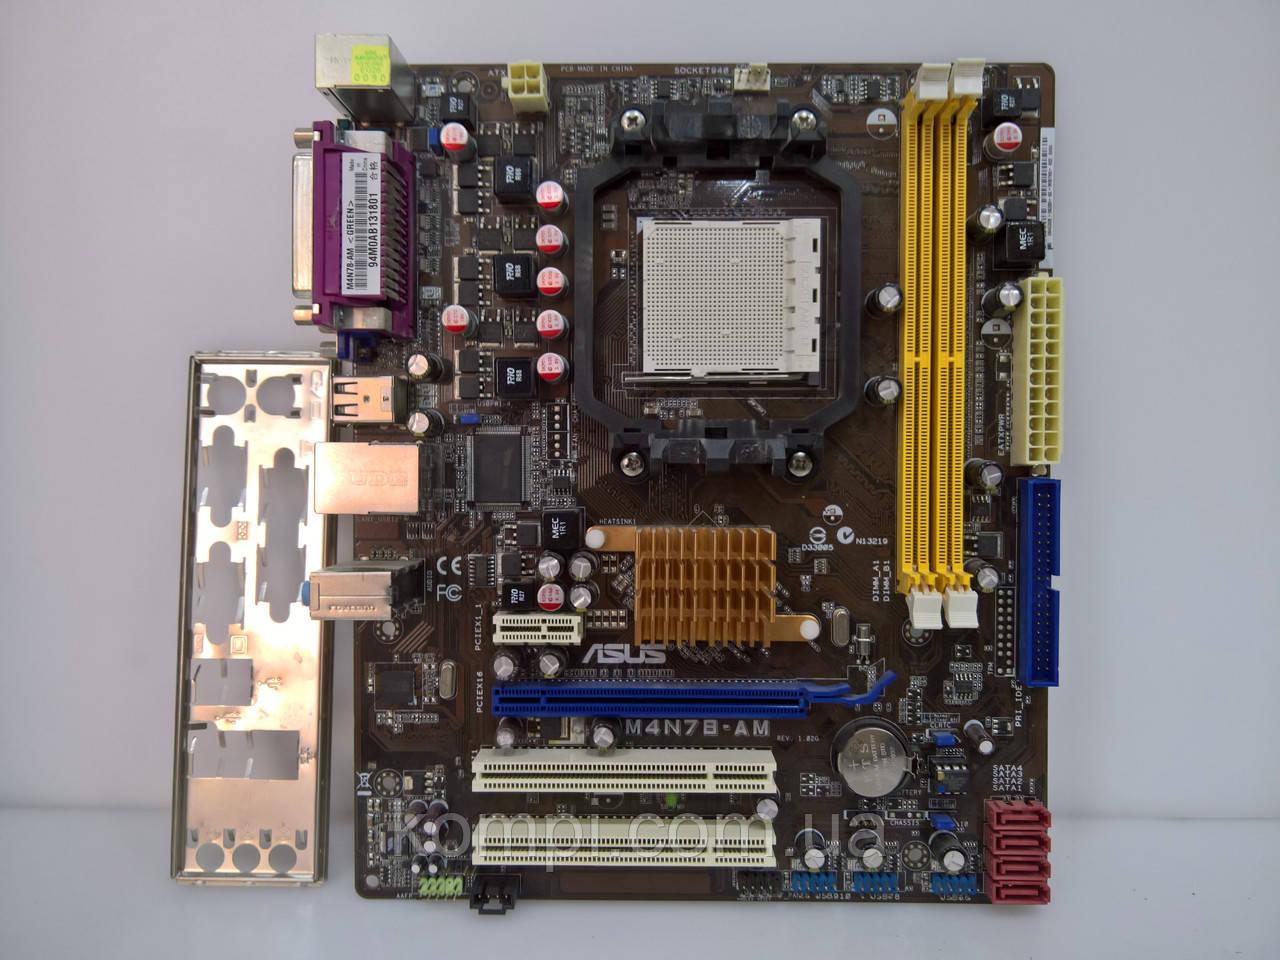 Материнская плата ASUS M4N78-AM    AM3/AM2+ DDR2